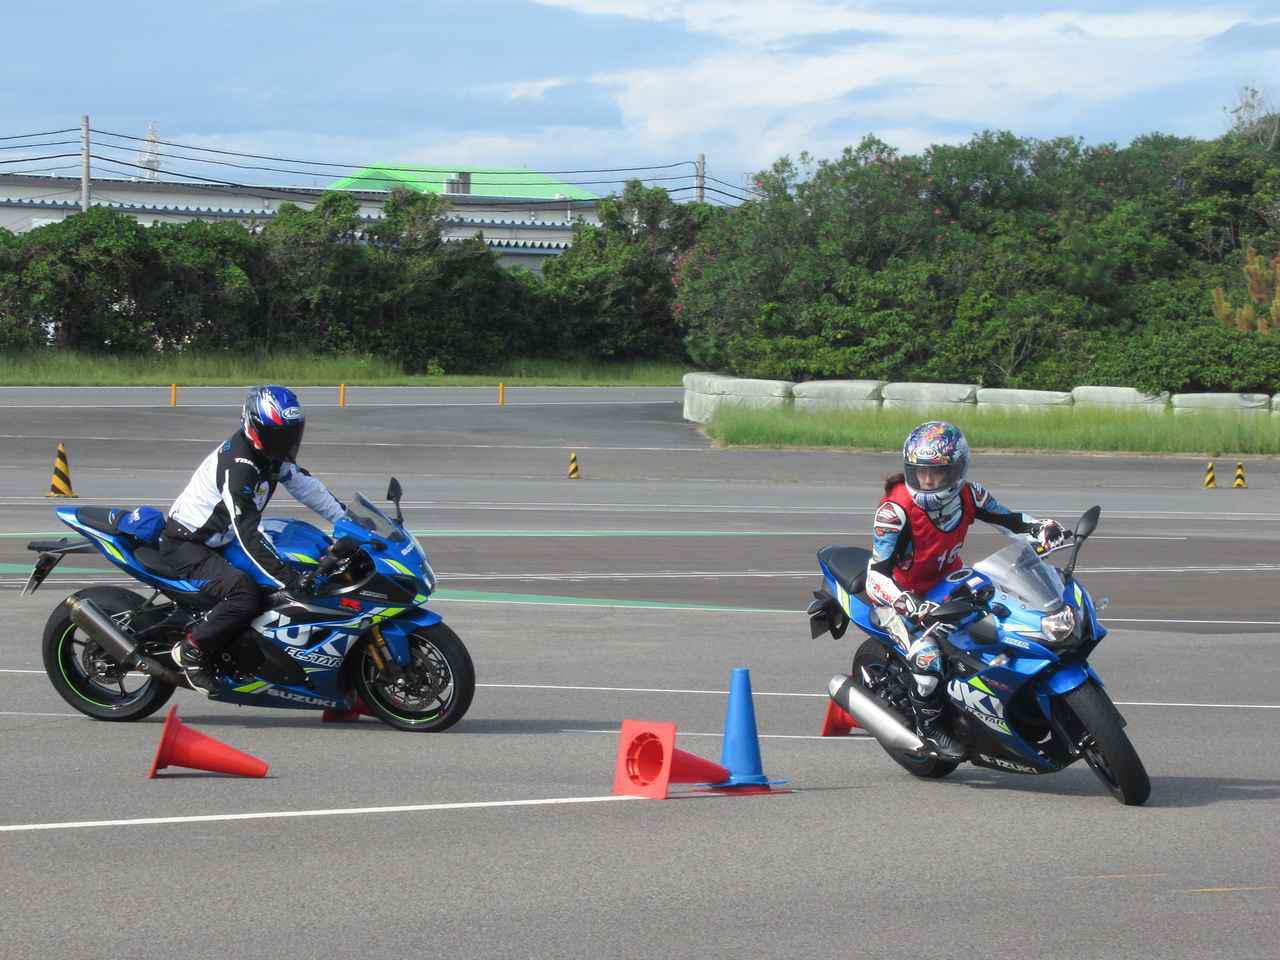 画像: ガチでバイクが上手くなるぞ!? 個人的に最も受けたい『北川圭一ライディングスクール』が2021年は開催決定! - スズキのバイク!